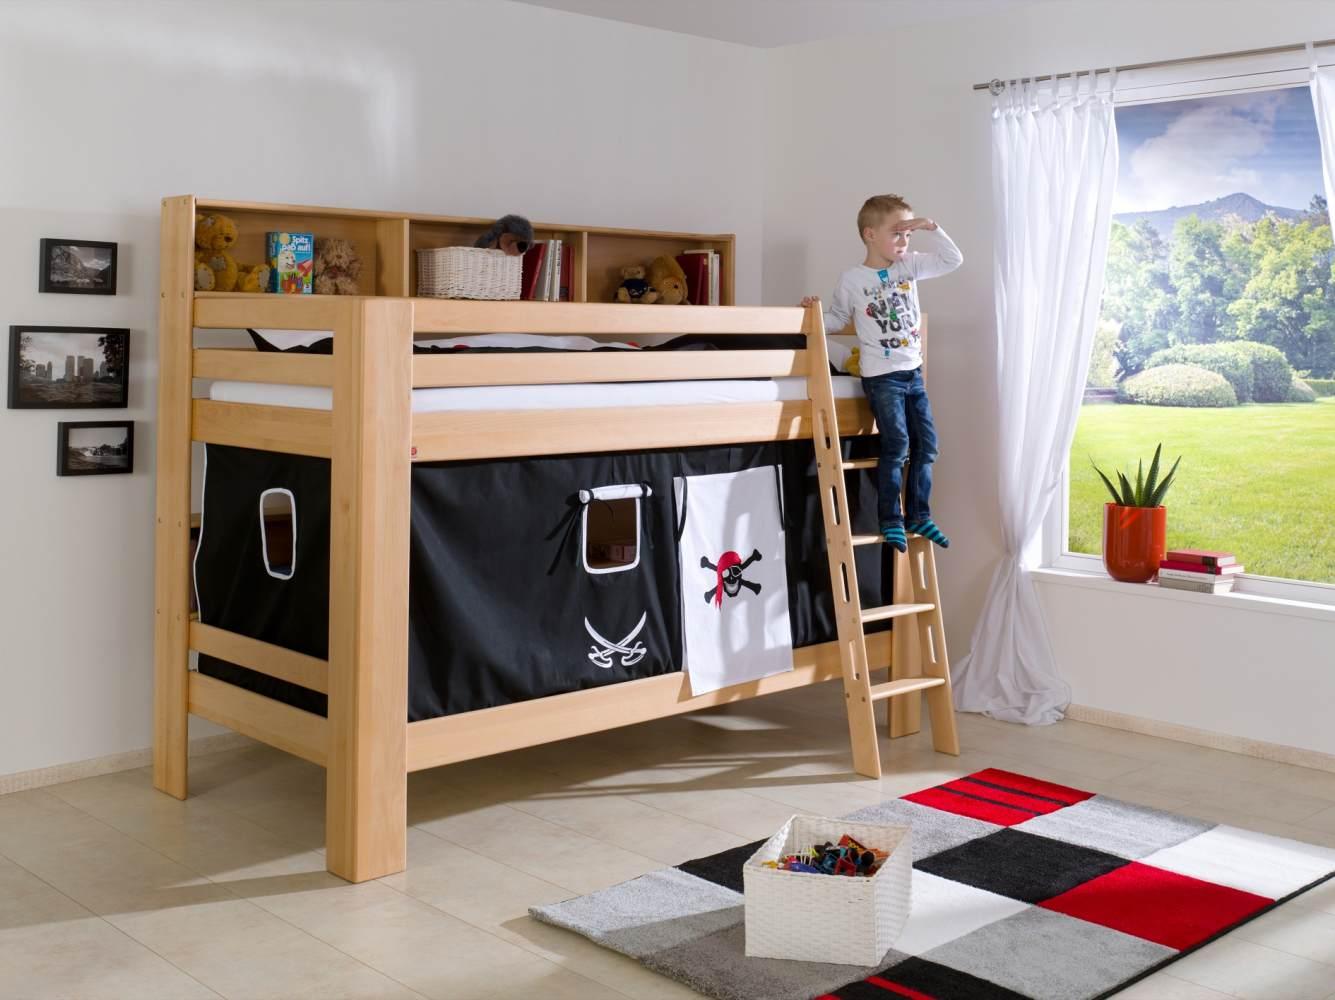 Relita 'Jan' Etagenbett mit Bücherregal inkl. Vorhang 'Pirat Schwarz/Weiß' Bild 1